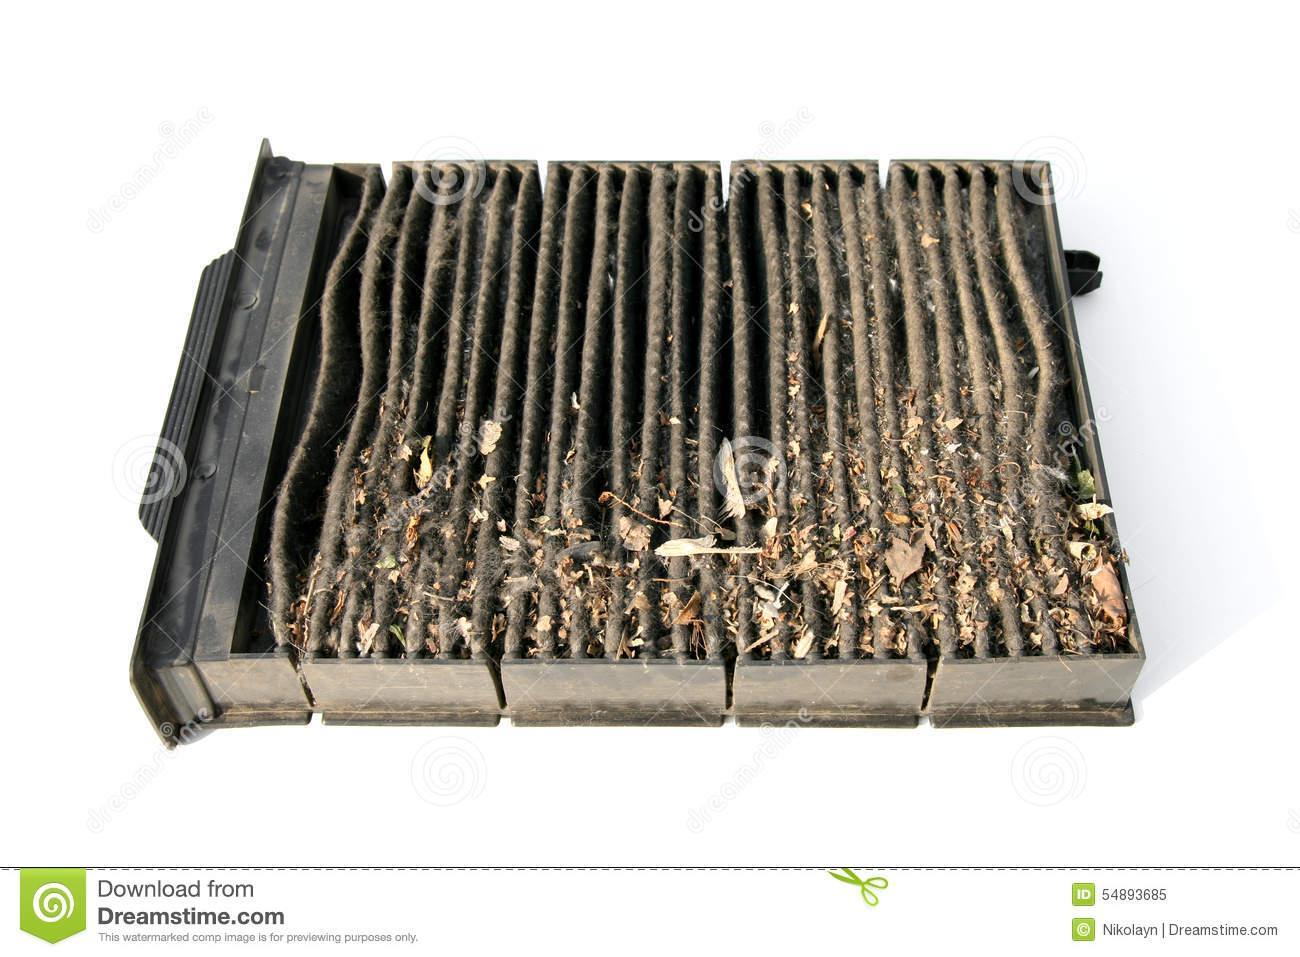 Resultado de imagen de filtro de aire acondicionado sucio auto